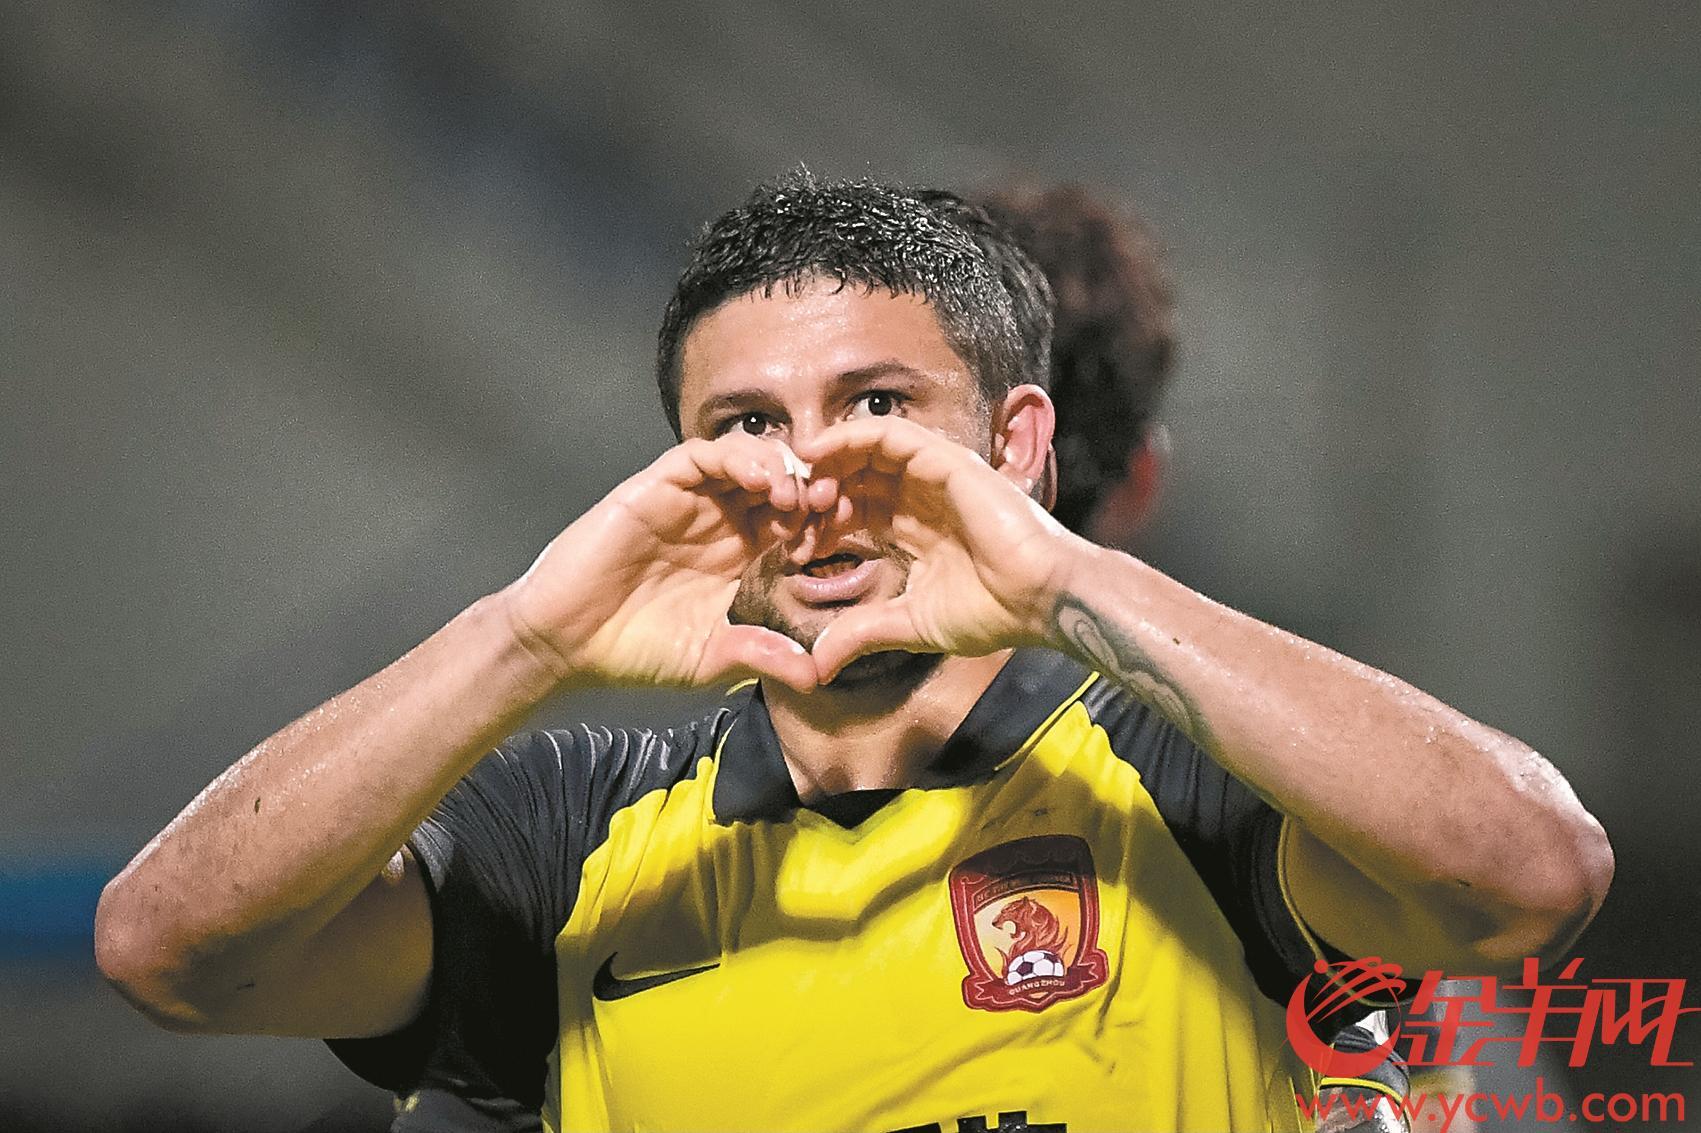 中超联赛重启 广州队面对排名垫底队伍幸运拿到一分